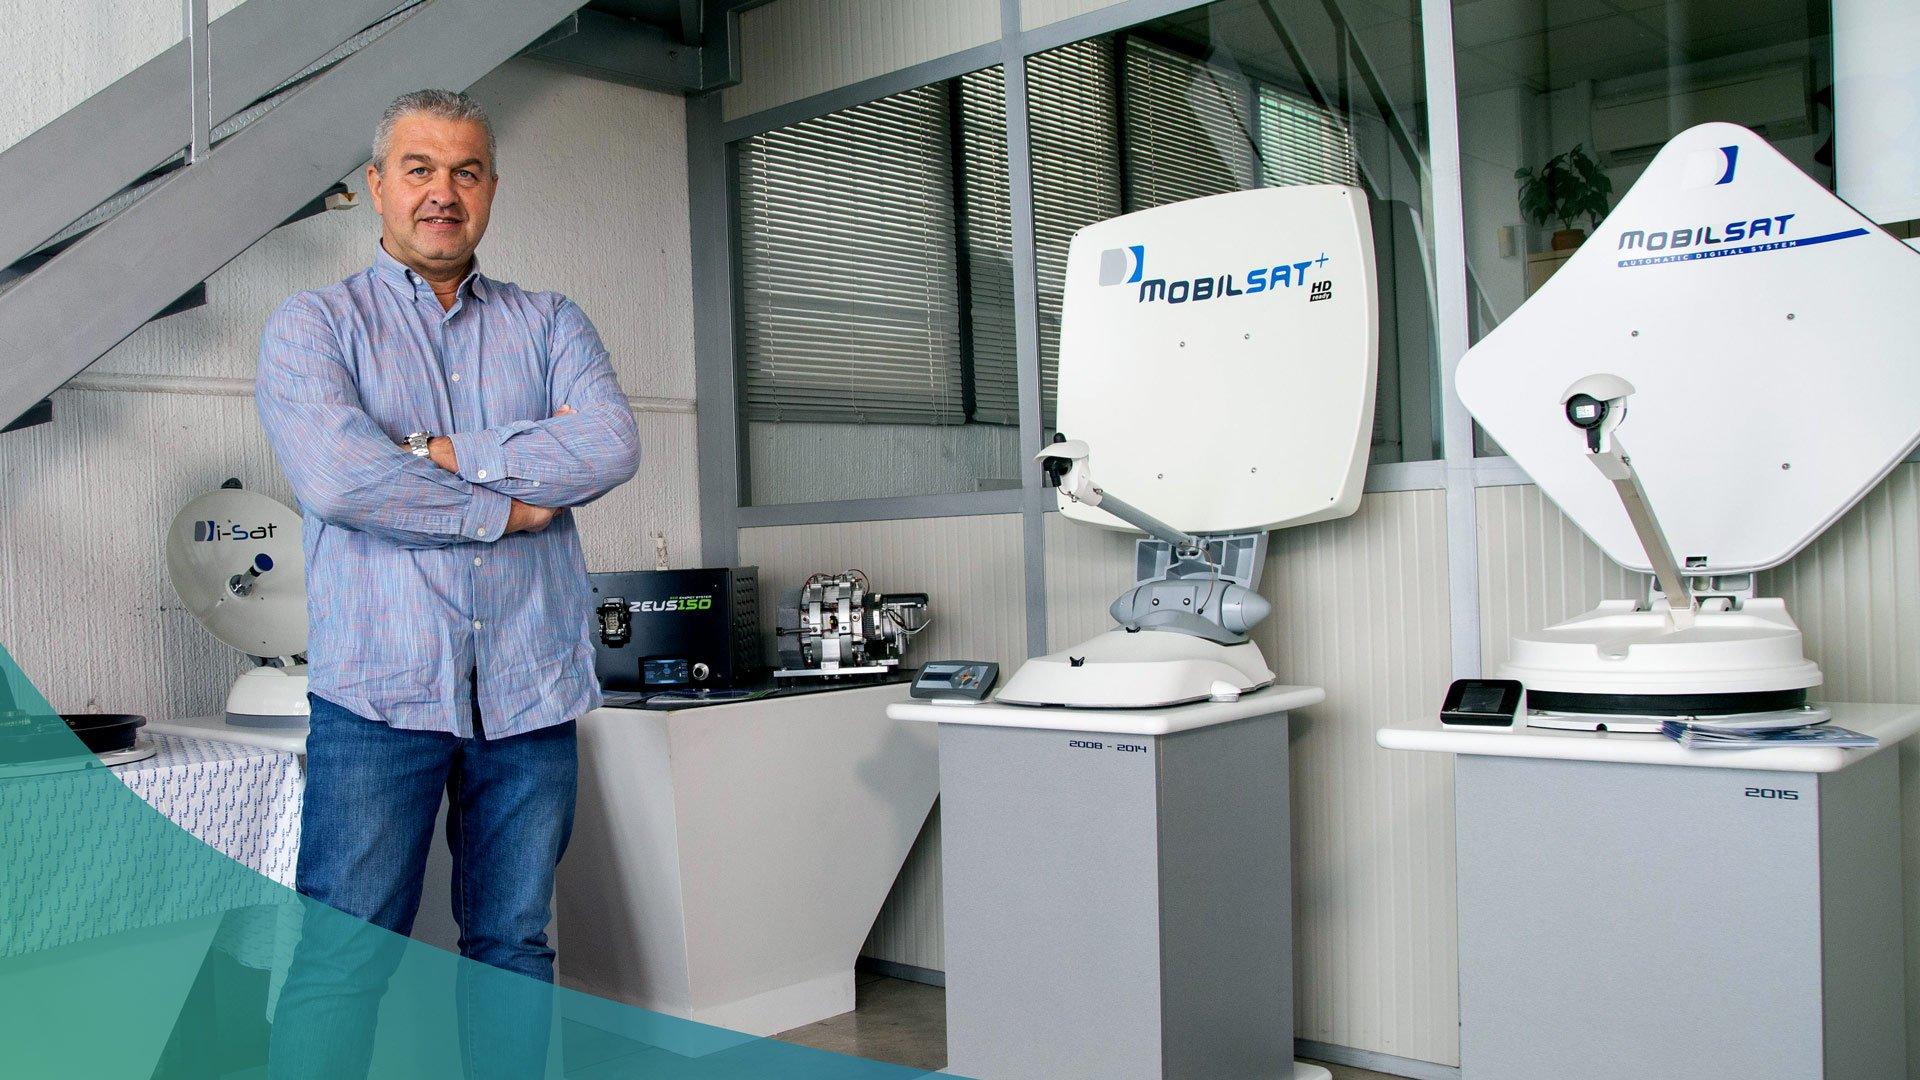 Luca-Barin-MT-Innovation-Creazione prodotti tecnologici HI-TECH